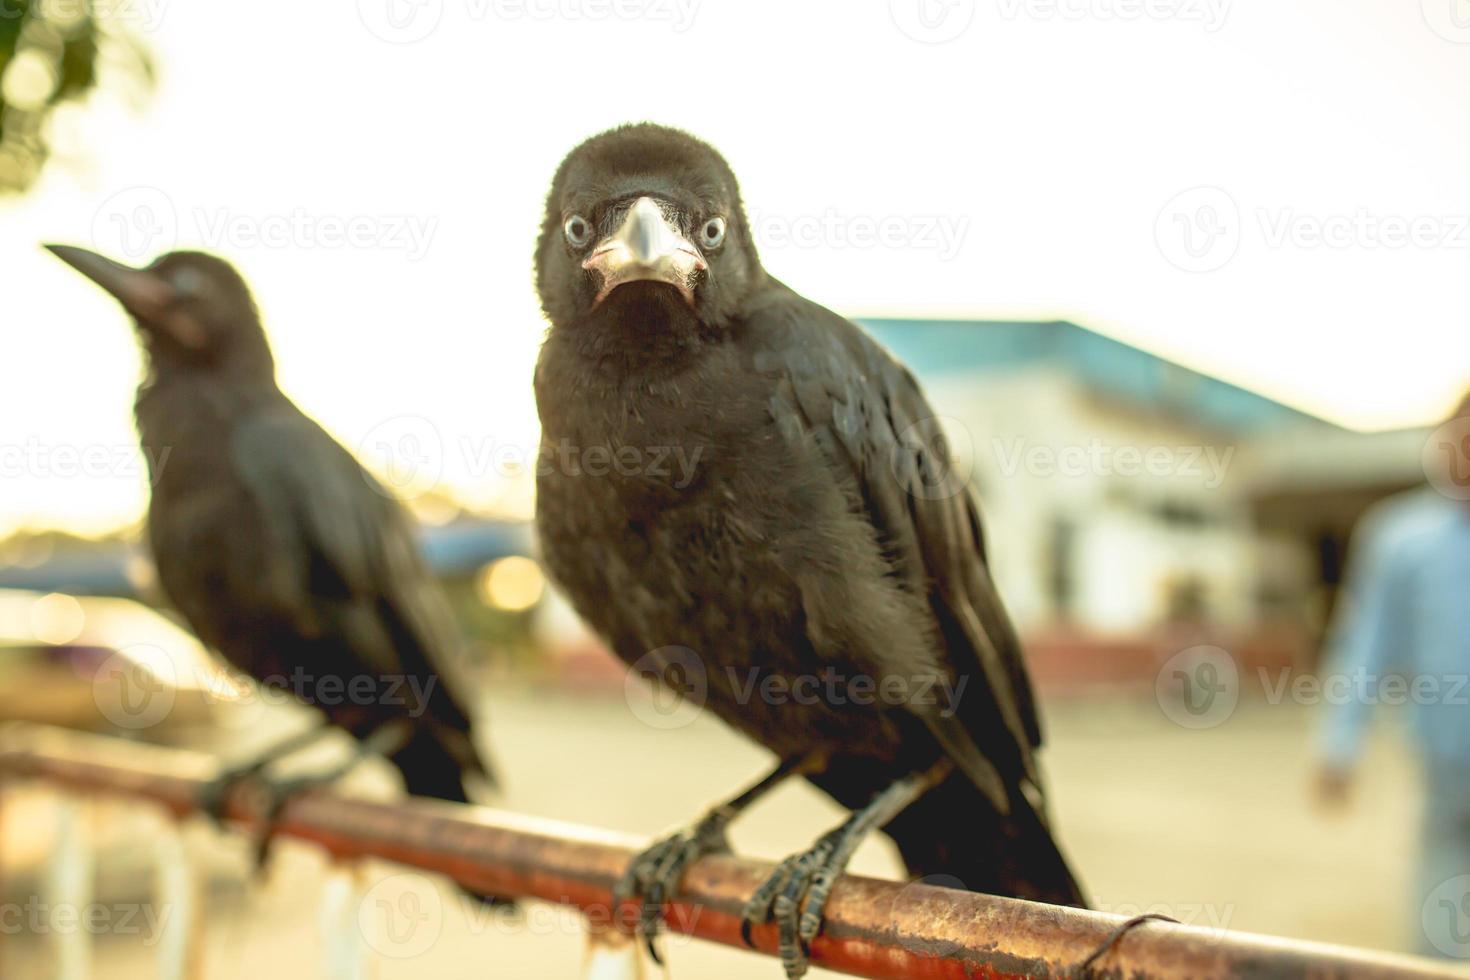 Cuervos en la barrera de tráfico de hierro. foto